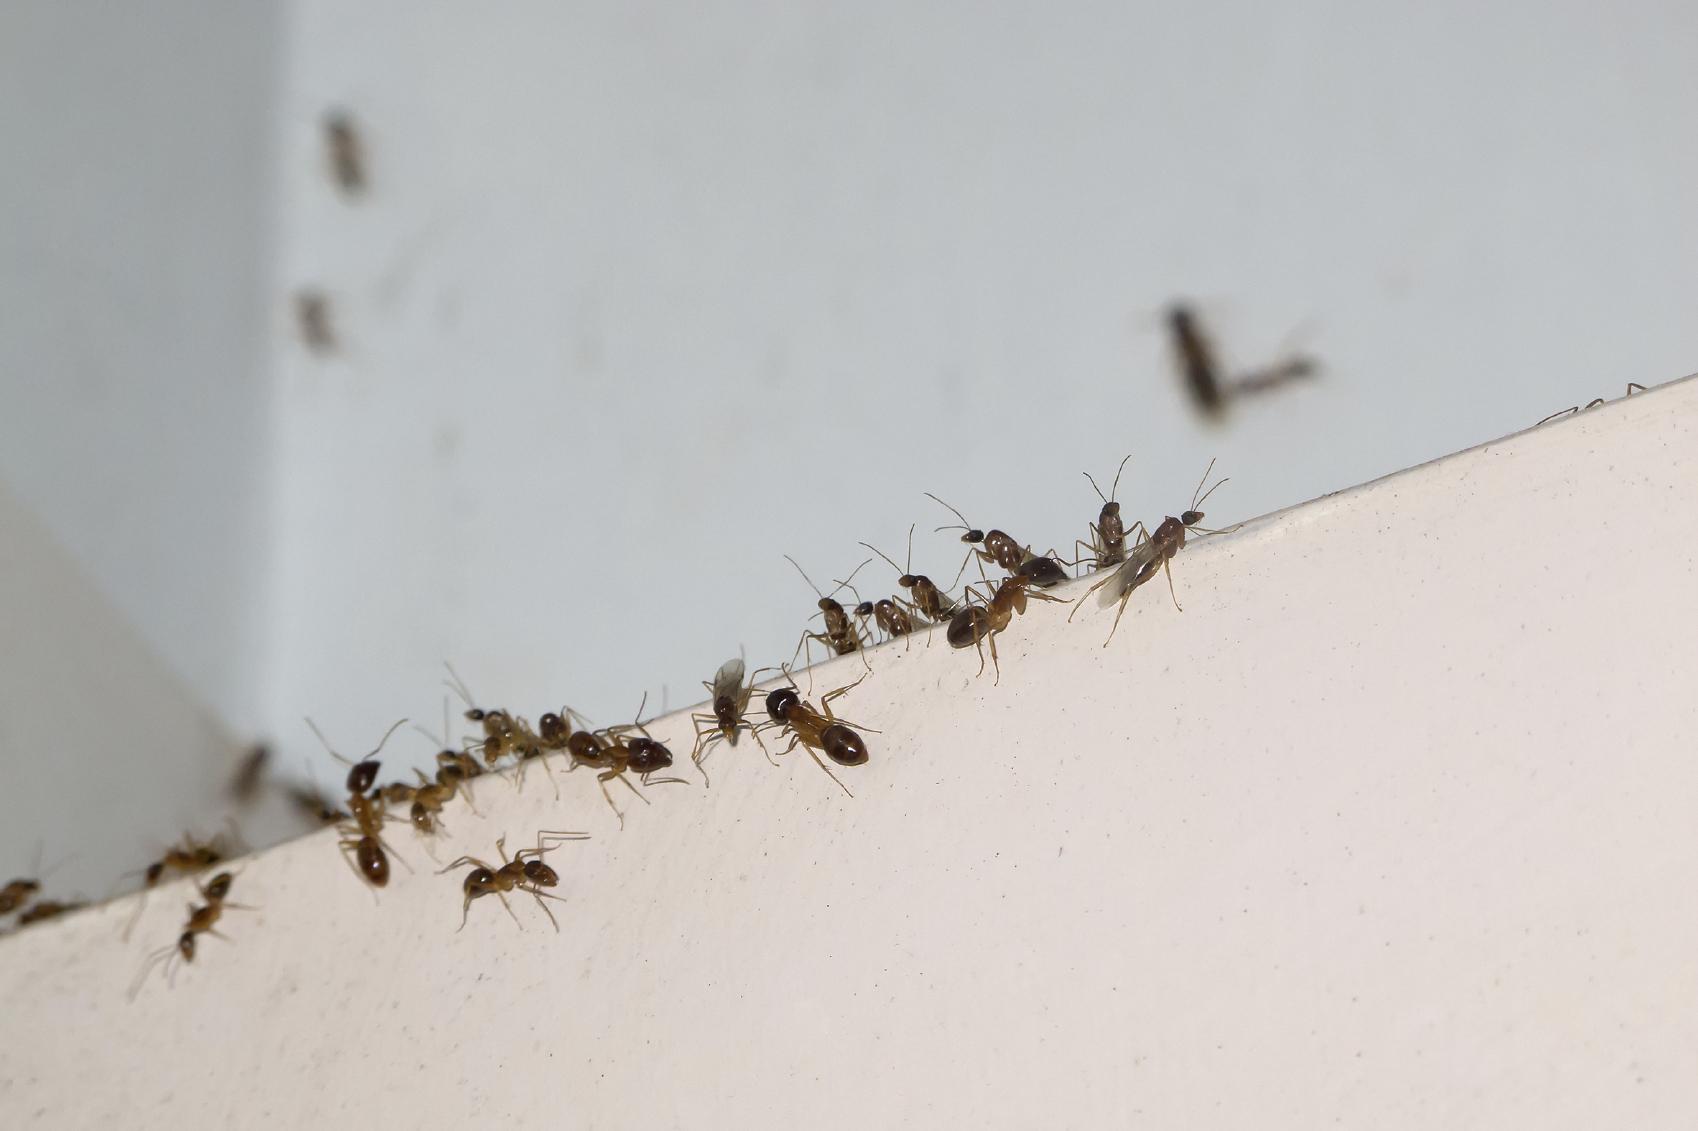 Cómo deshacerse de las hormigas domésticas olorosas